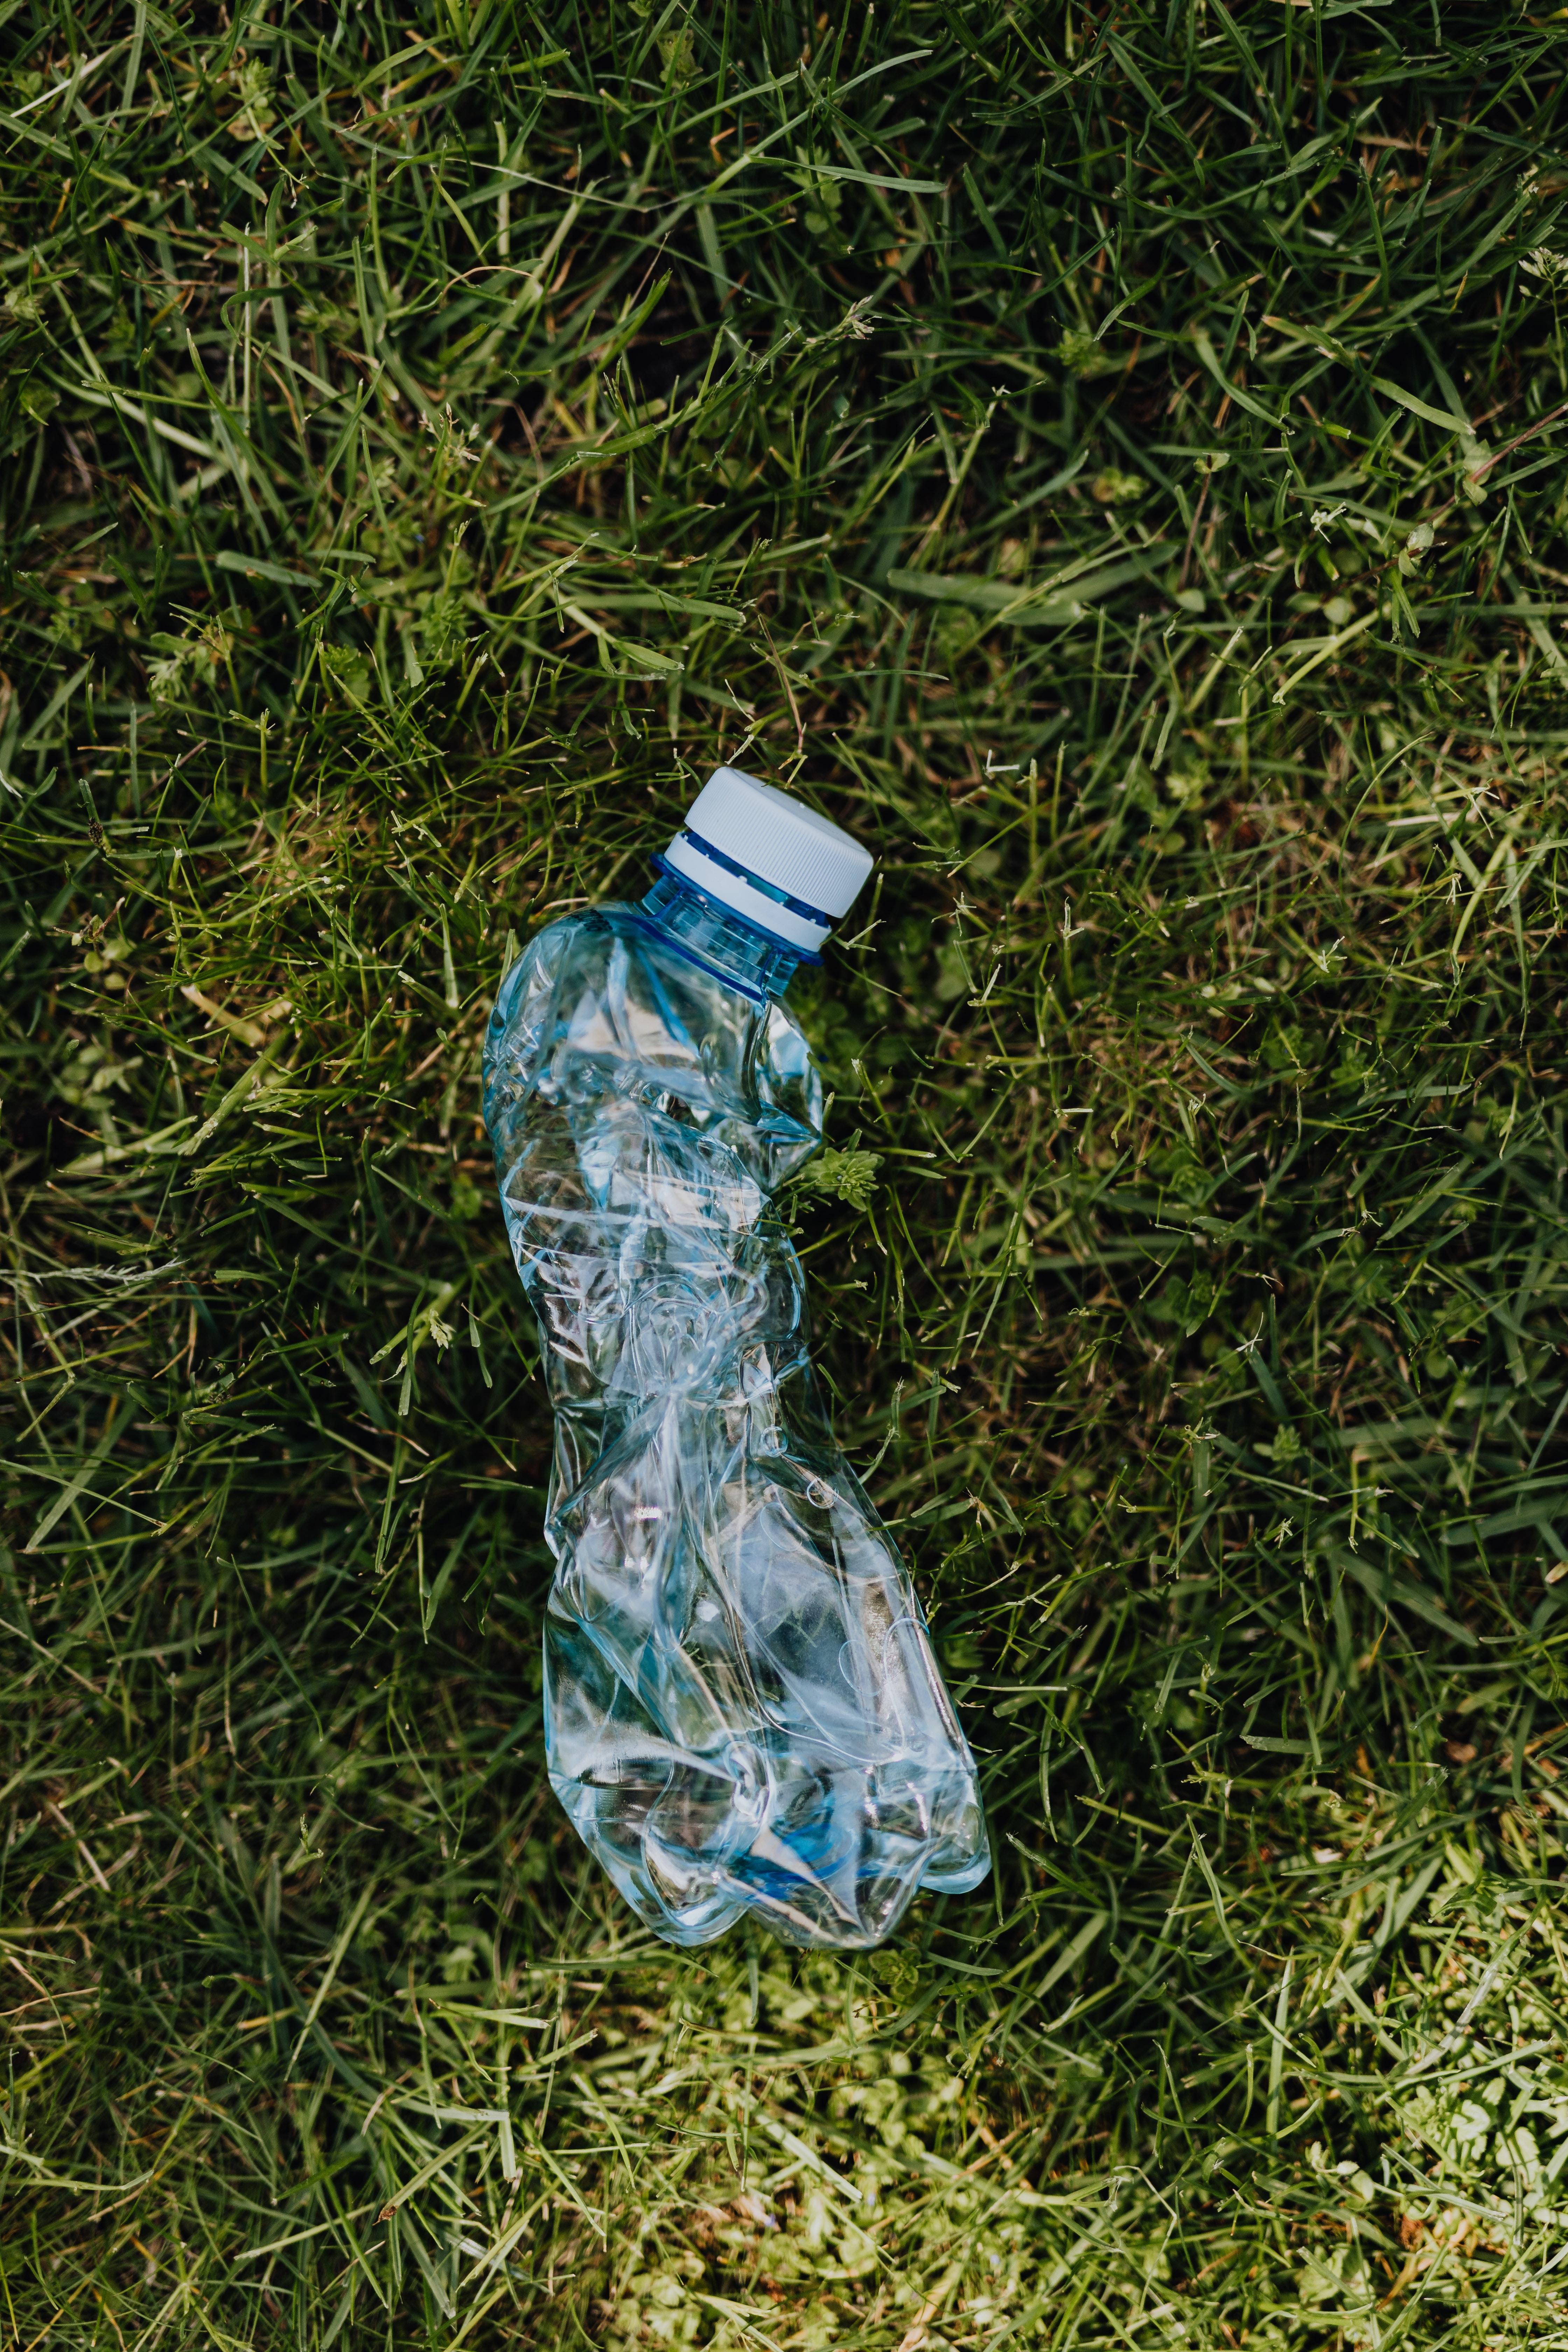 Lixo de plástico no jardim ou no mato